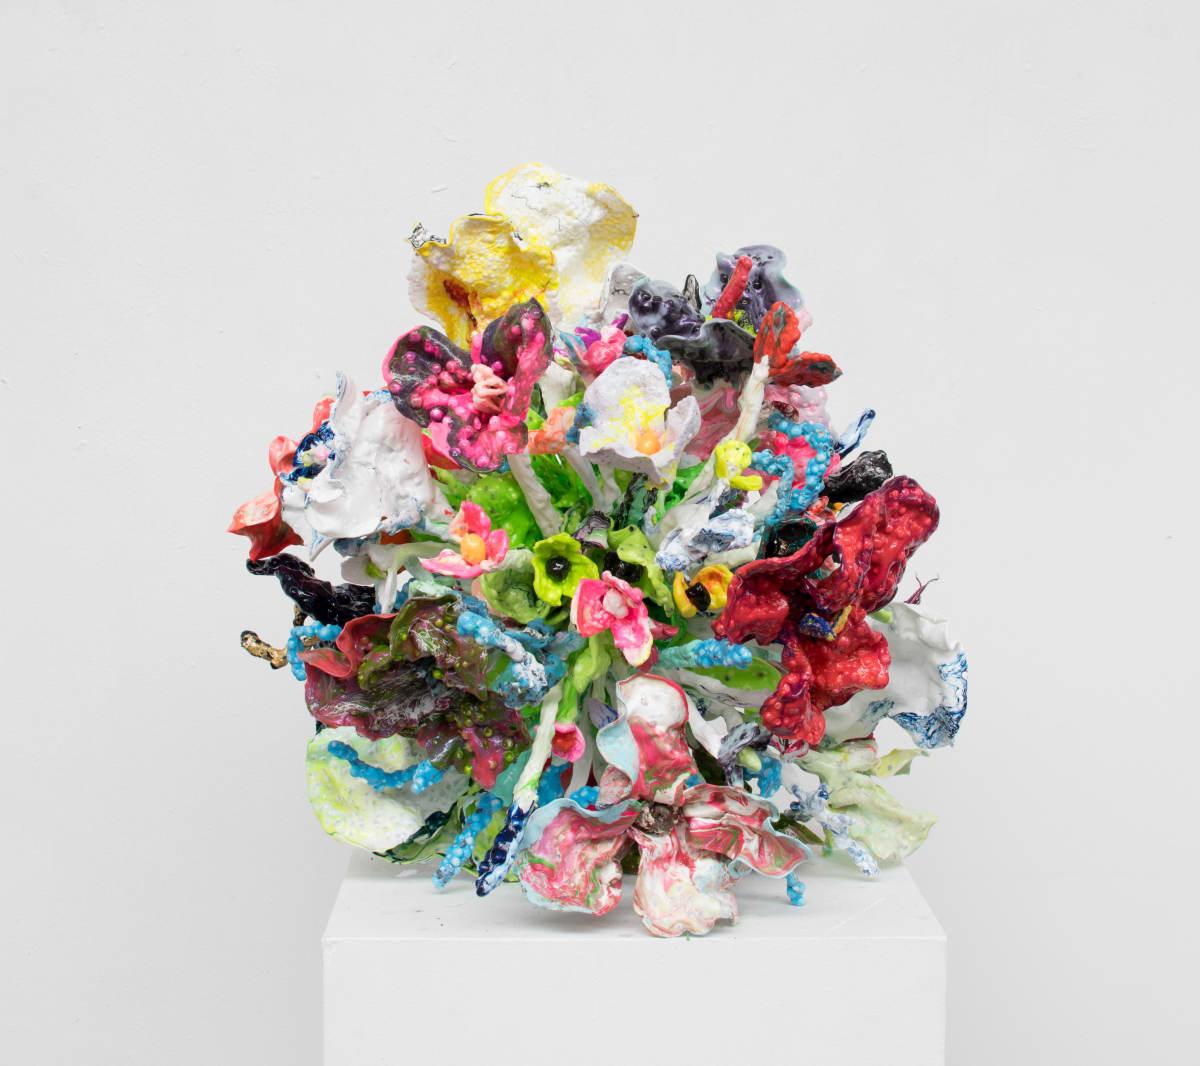 Stefan Gross, Flower Bomb - I